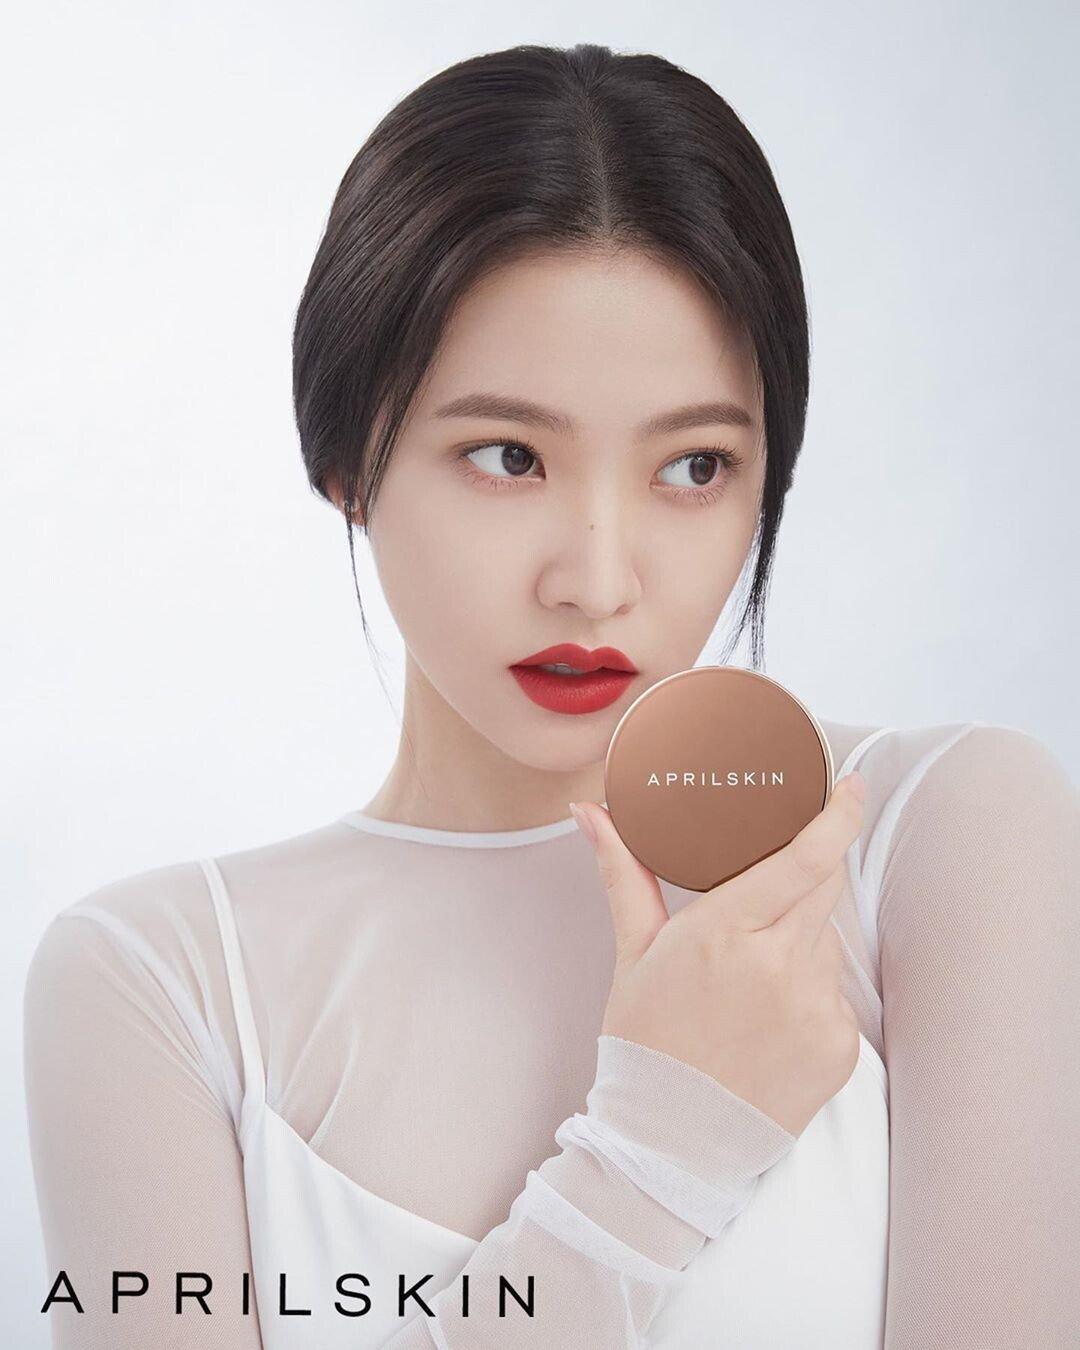 Điểm danh những mỹ nhân Hàn đang quảng cáo mỹ phẩm - 6